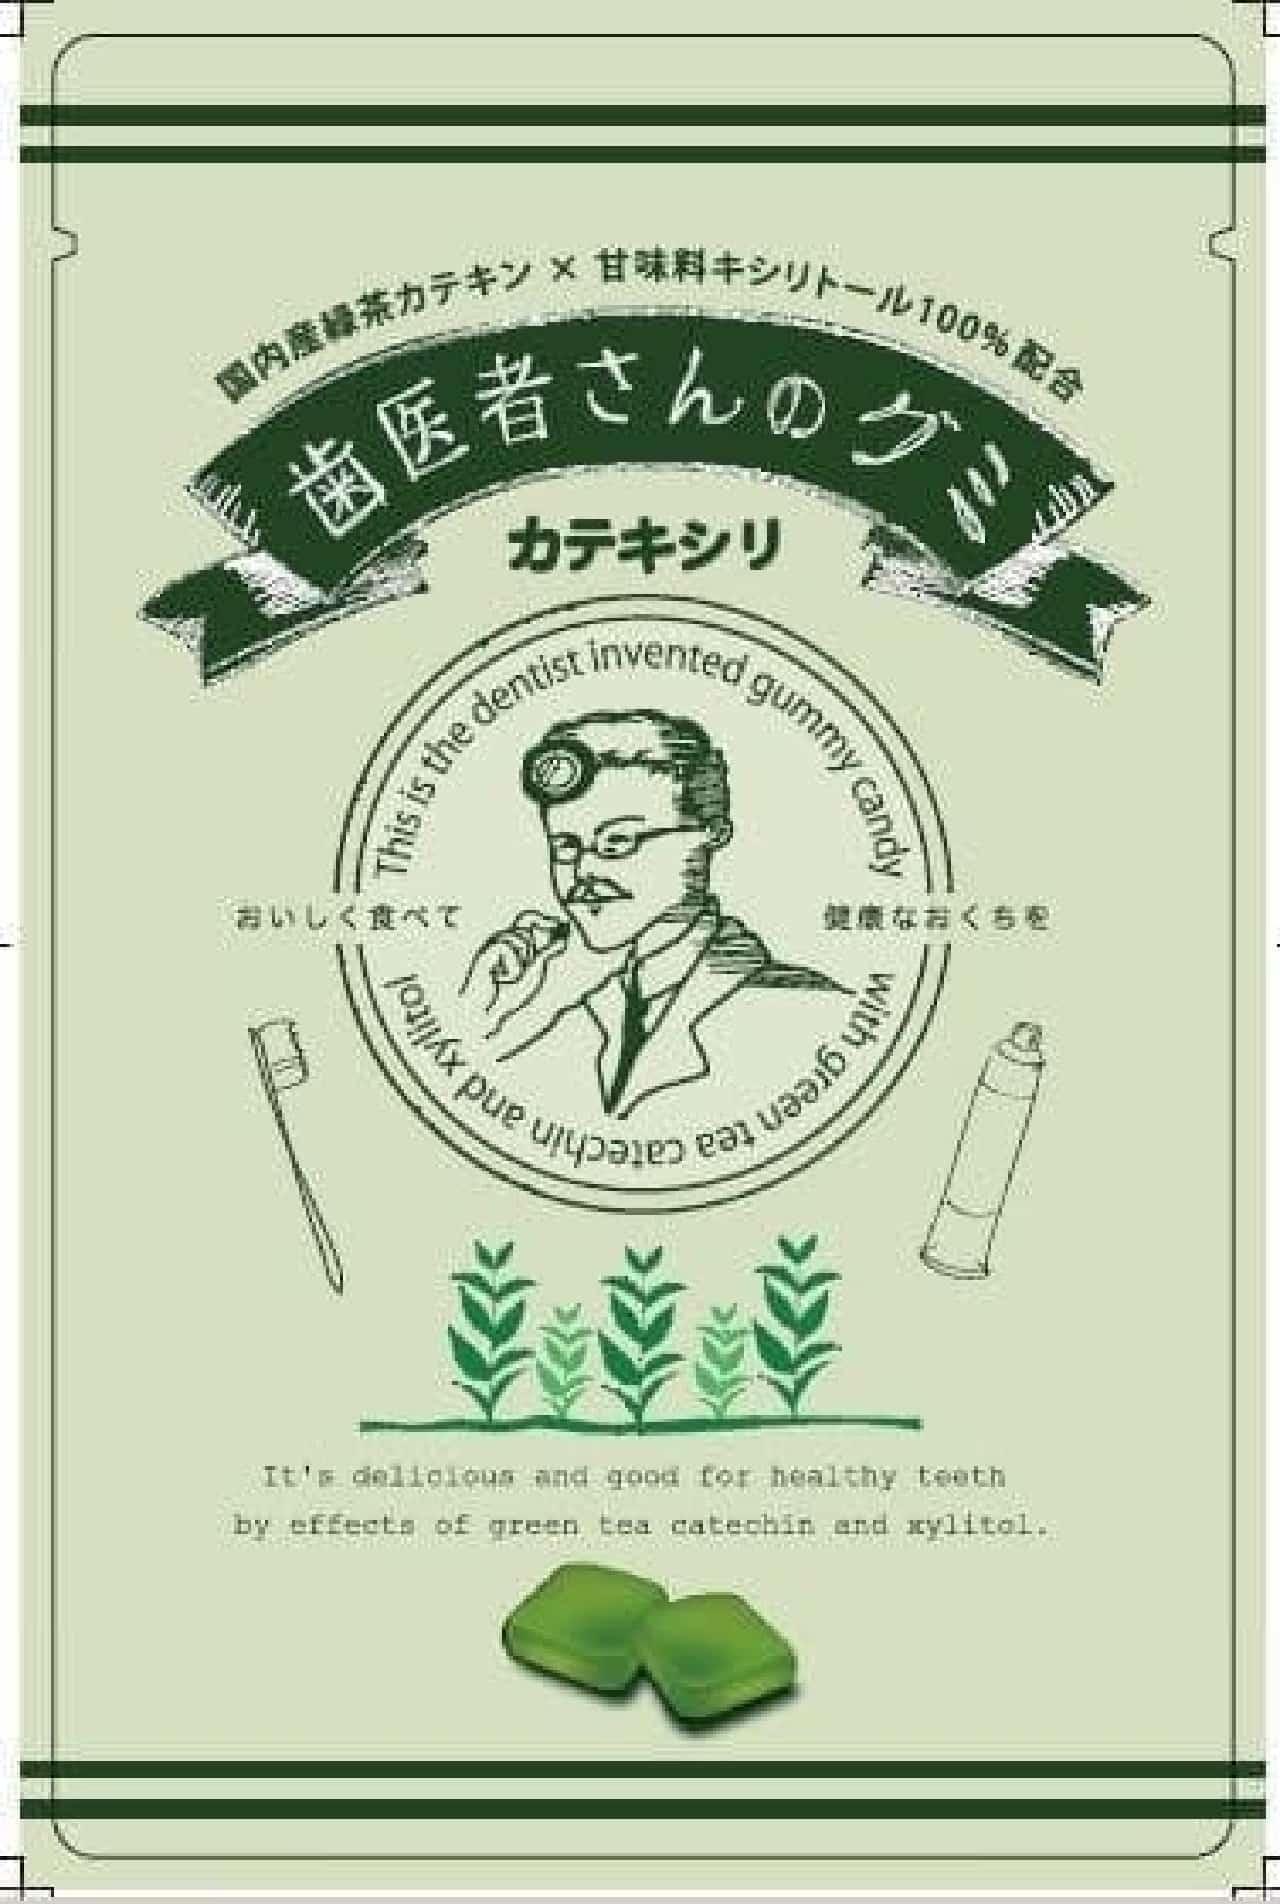 日本初!カテキンを使った虫歯予防の「カテキシリグミ&チョコ」